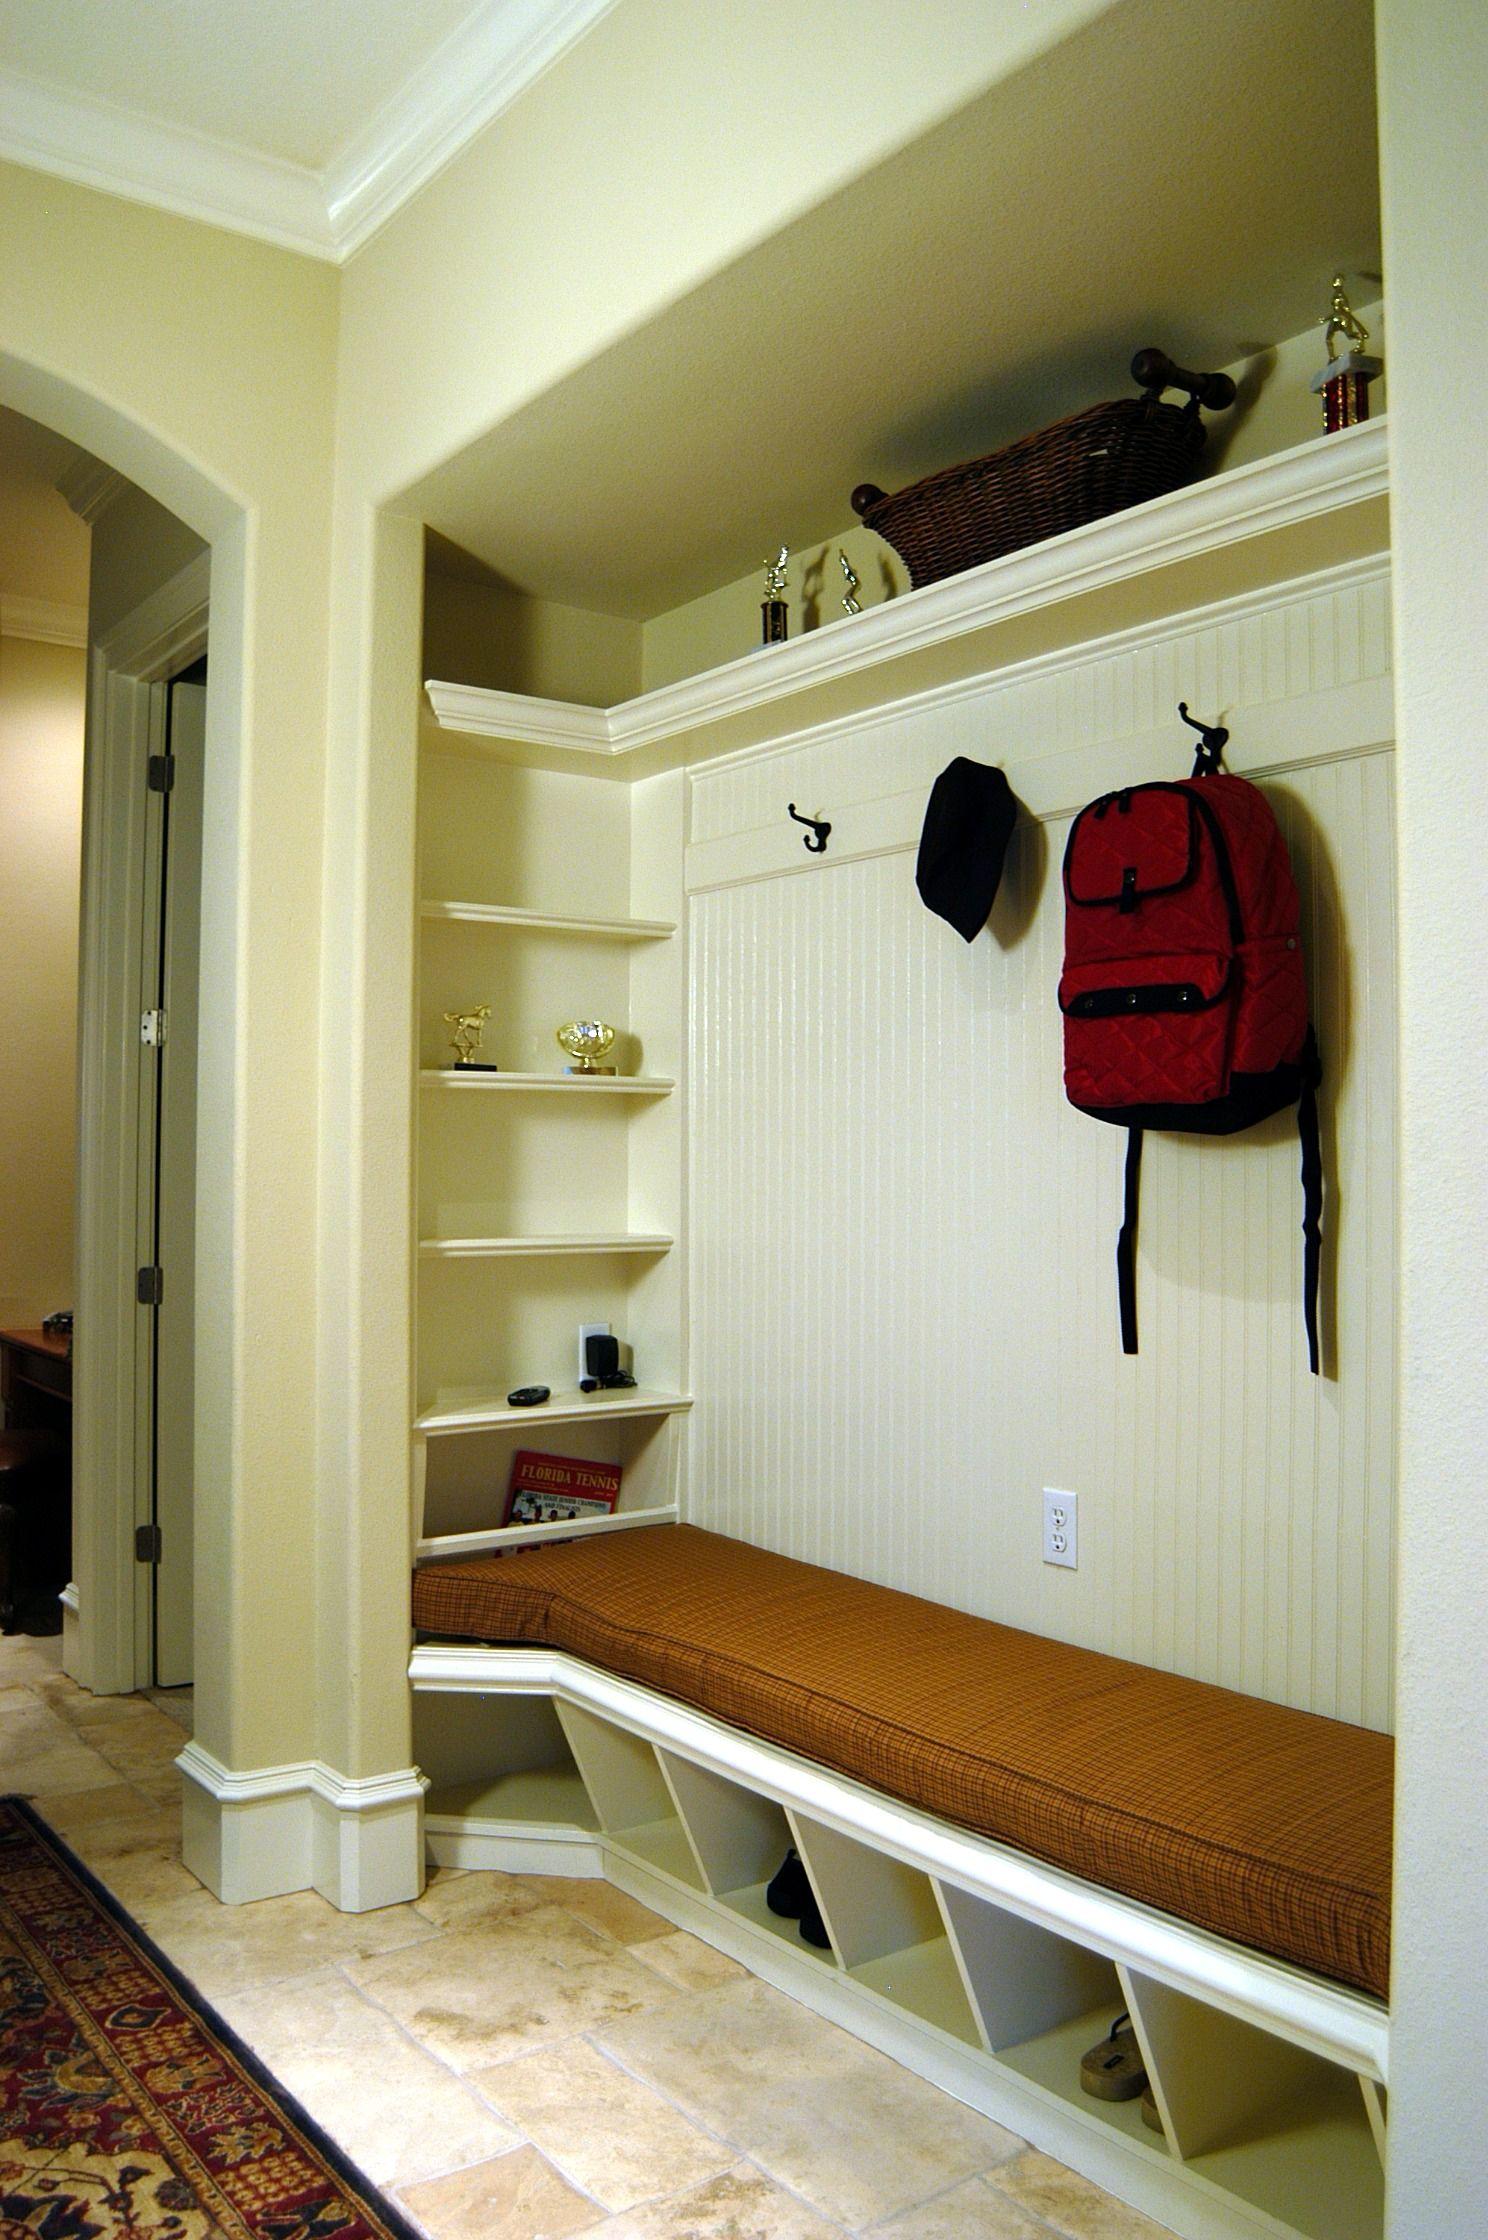 2021 Home Doors Windows Prices Bay Windows Sliding Doors Front Doors Closet Remodel Home Door Cost